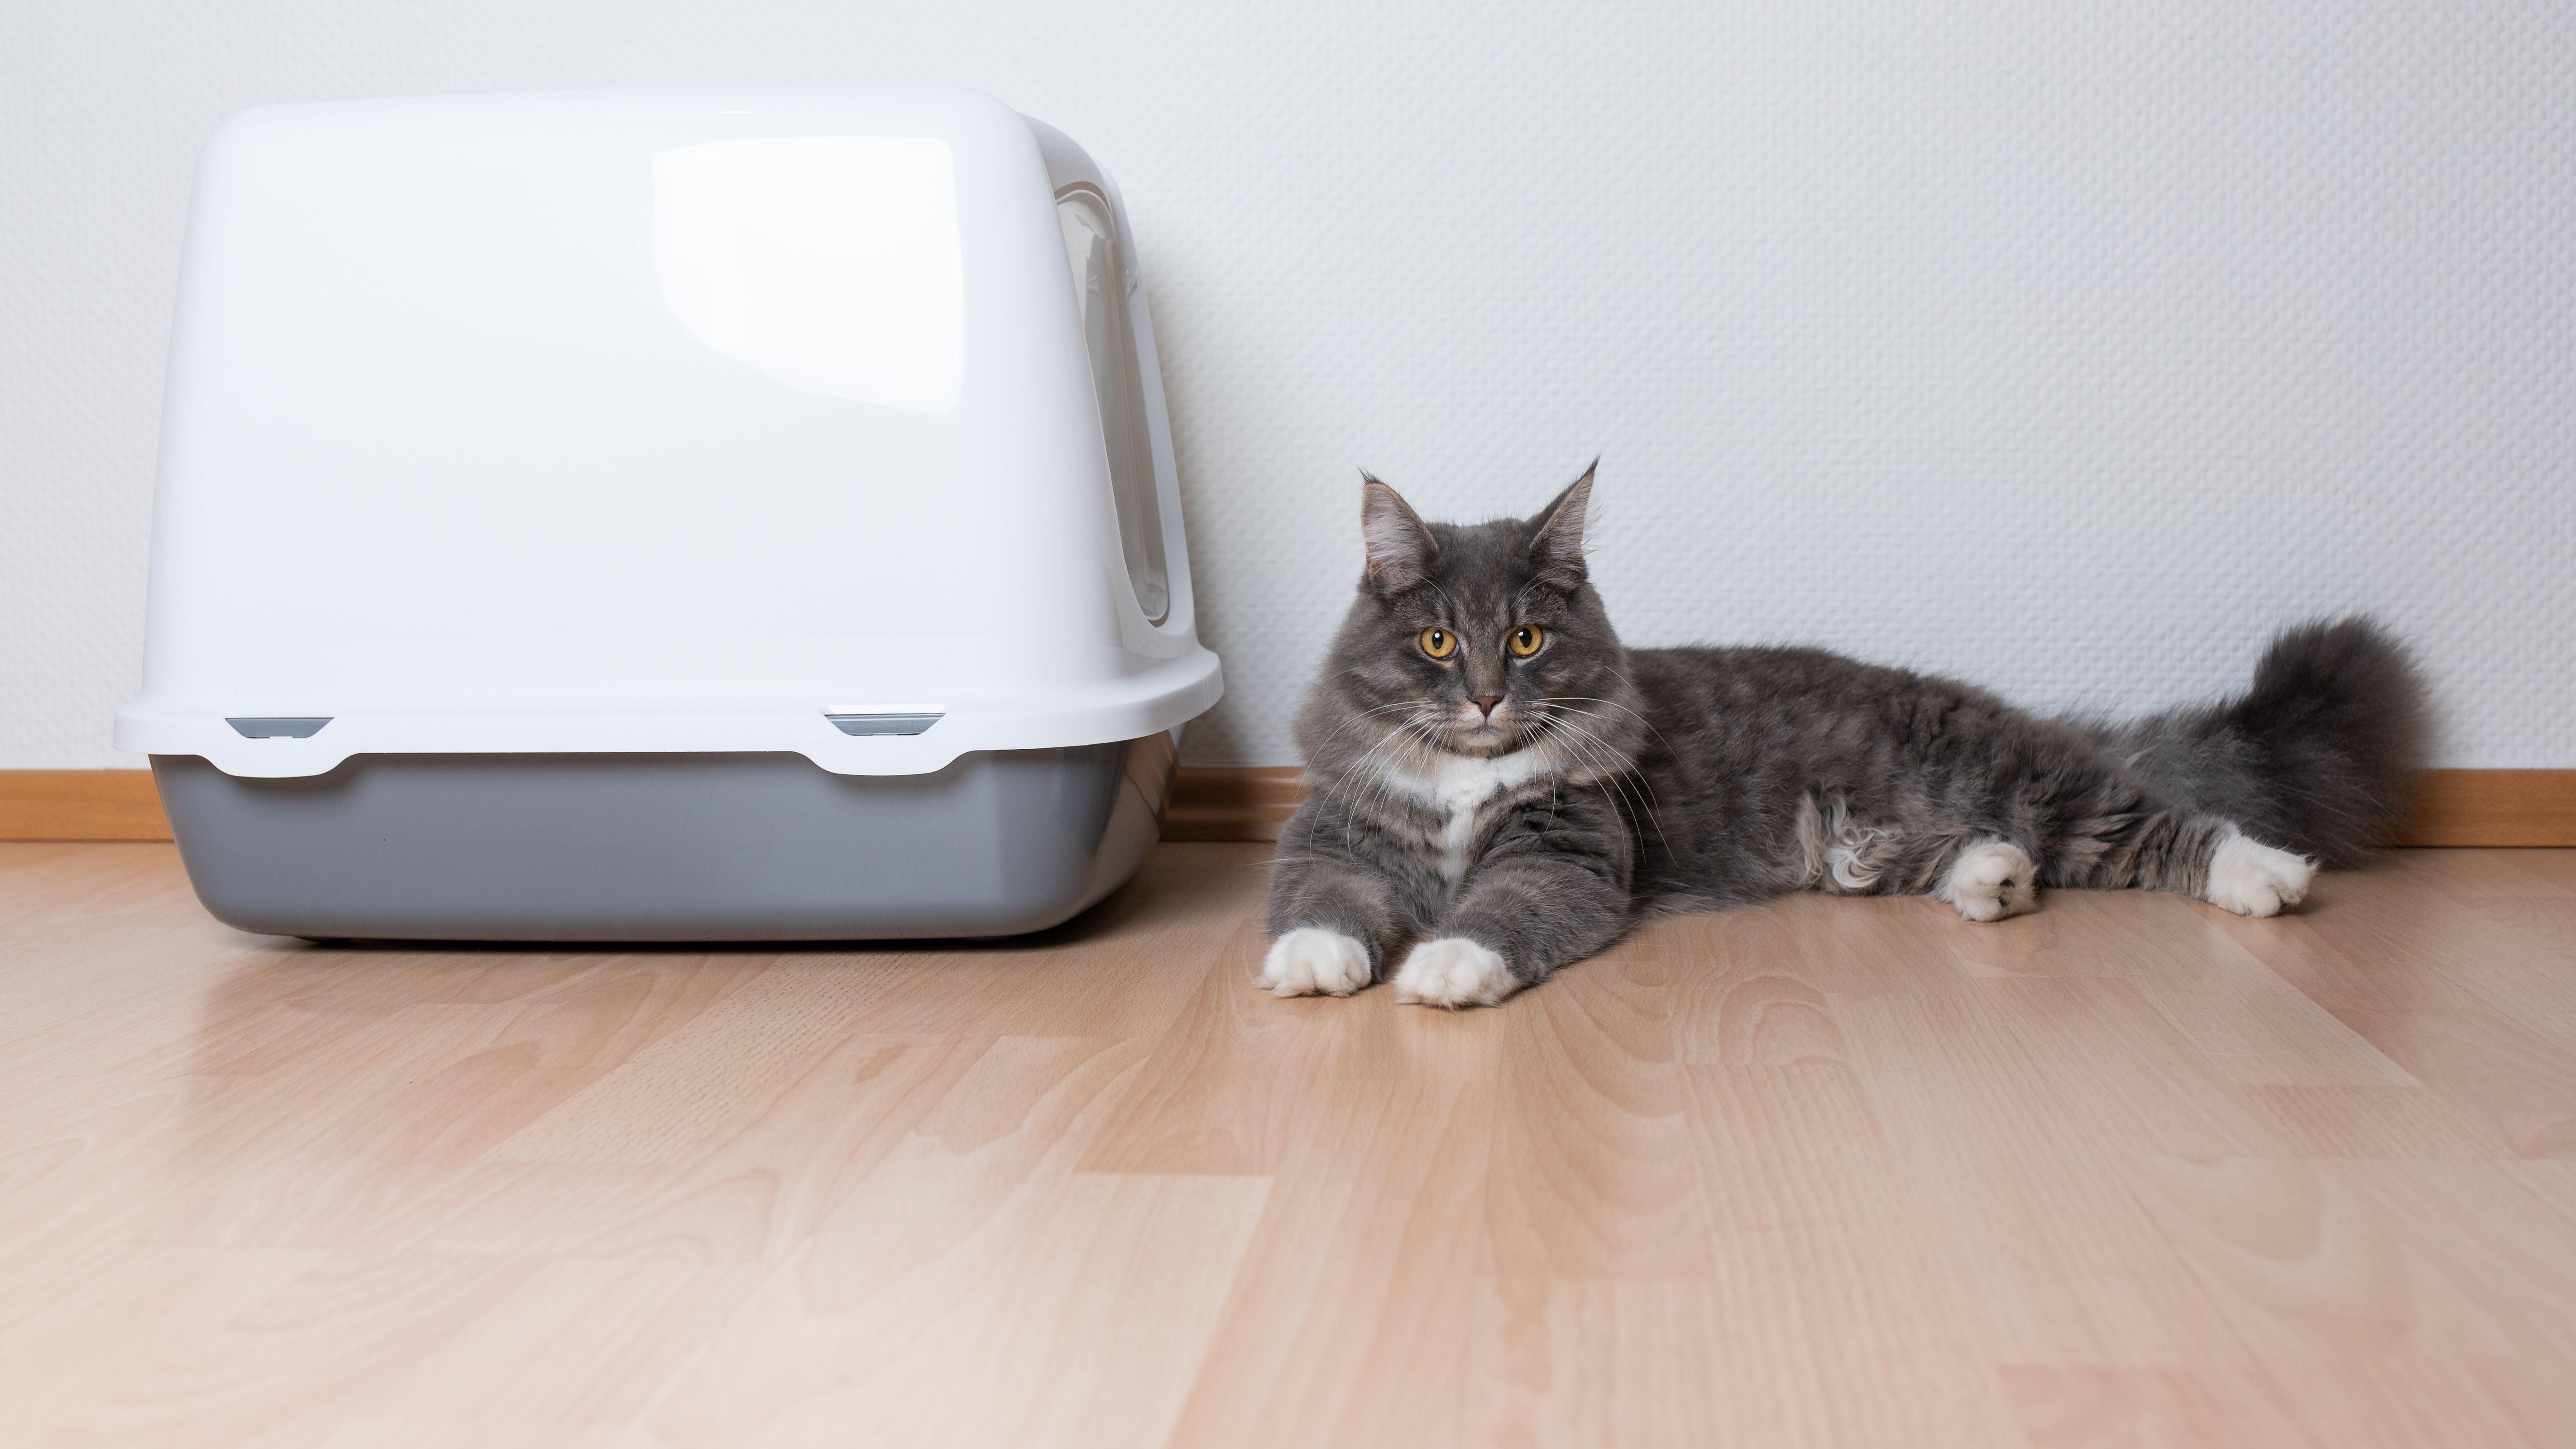 Maison de toilette pour chat et bac à litière :  comment choisir